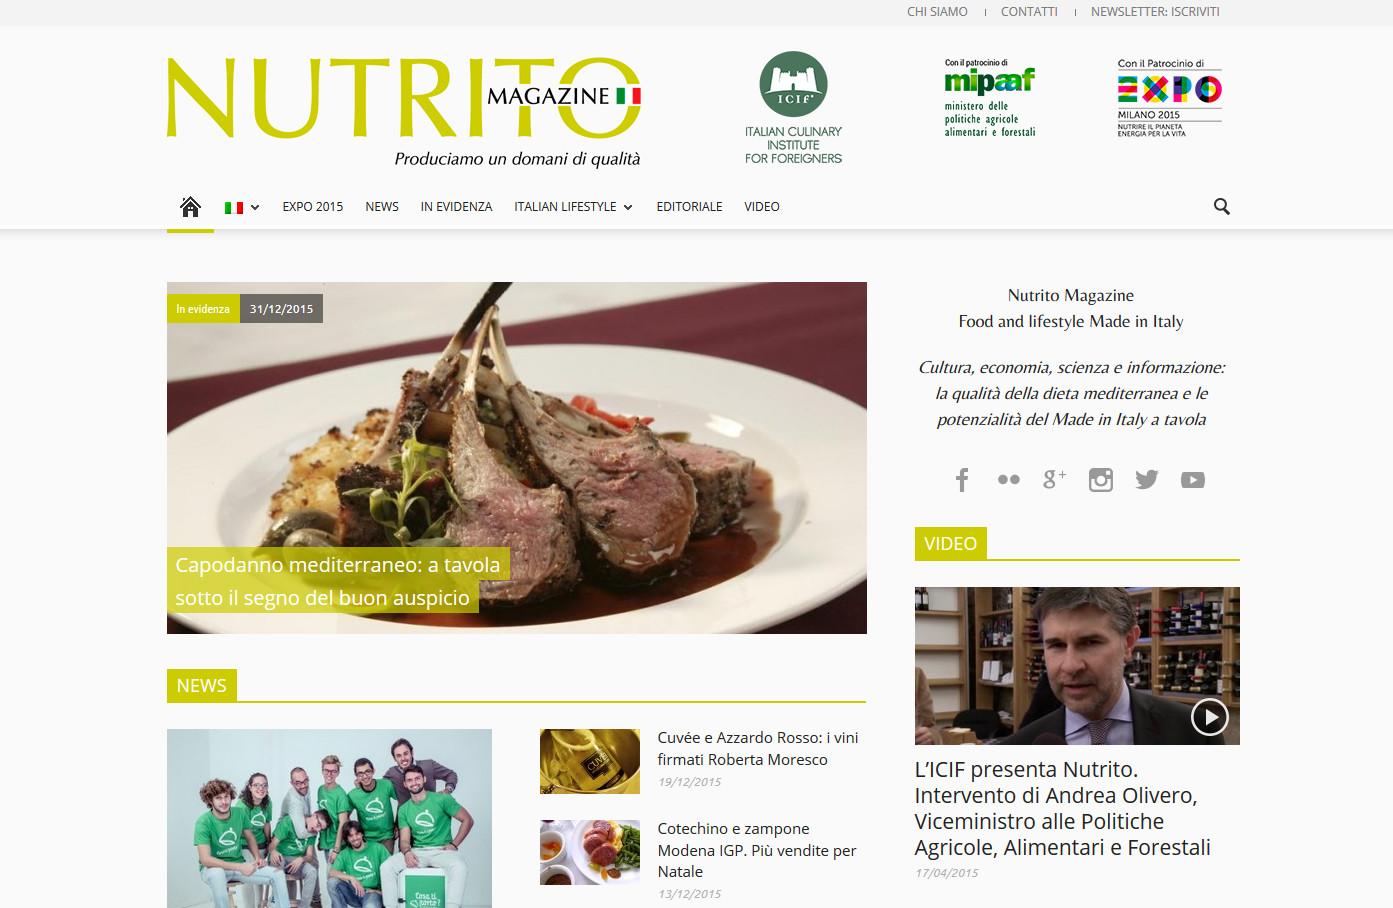 nutrito magazine